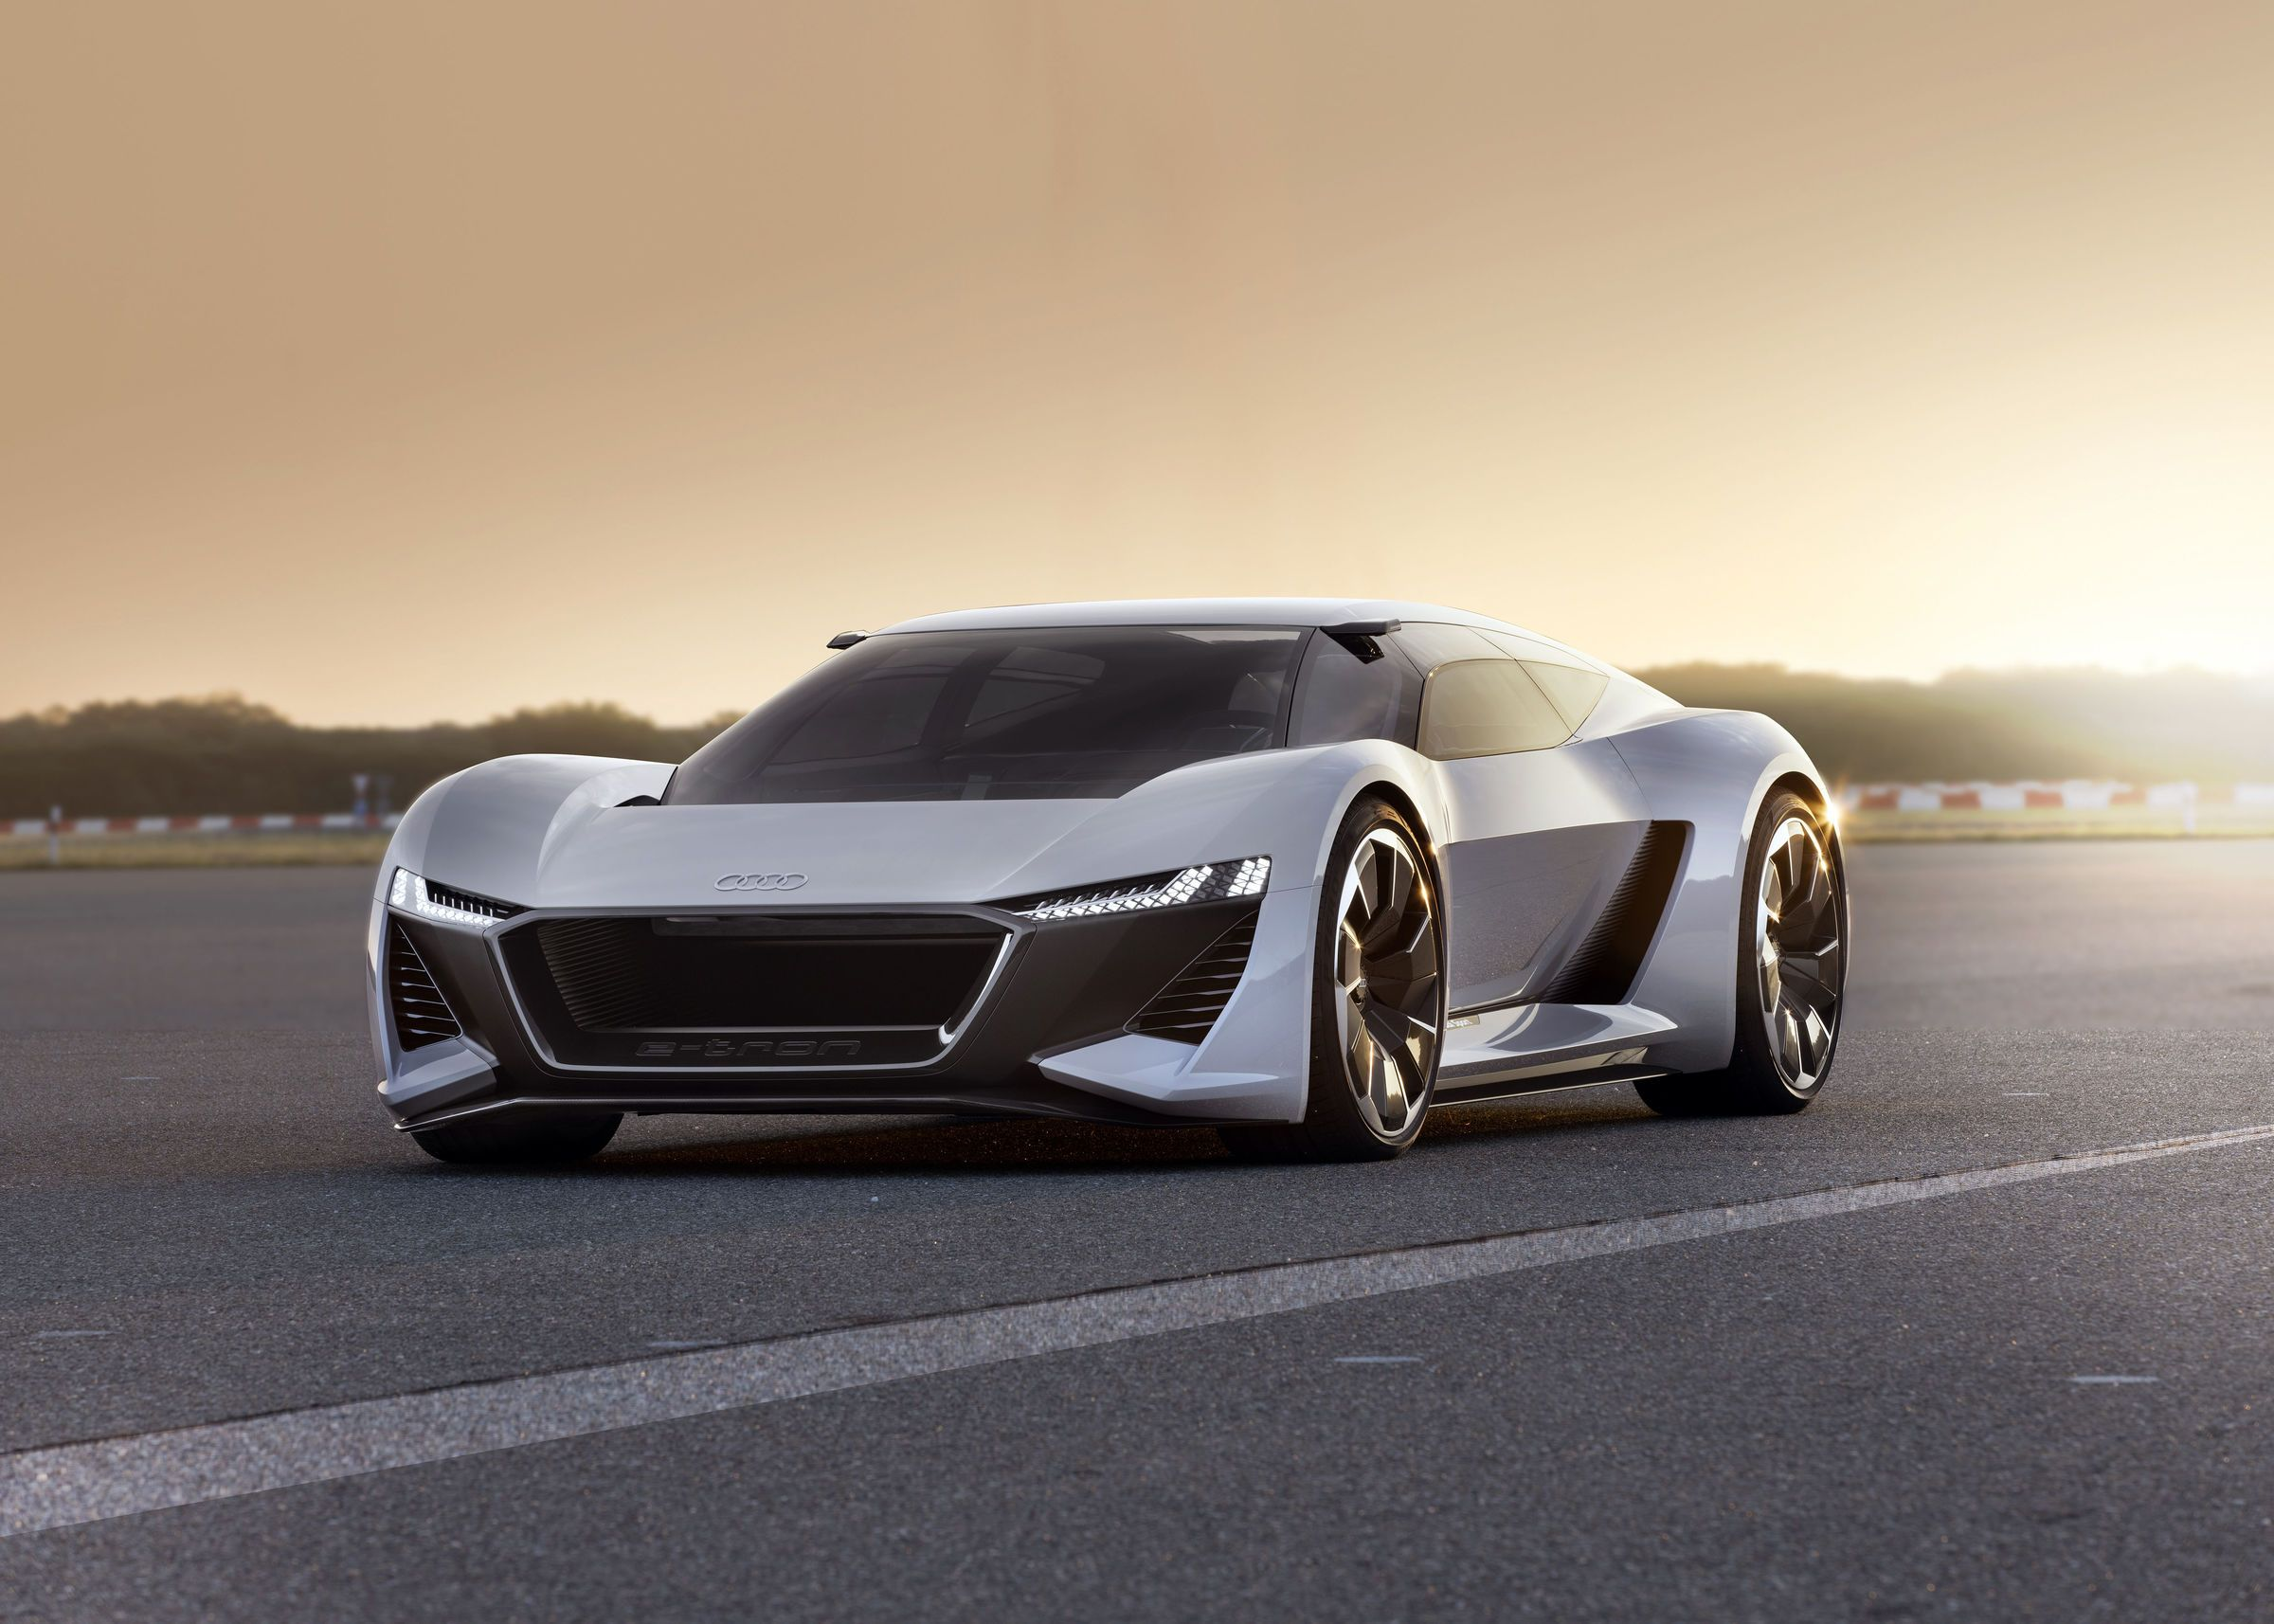 Oui, la supercar électrique PB18 e-tron au cockpit modulable va illuminer l'année 2019